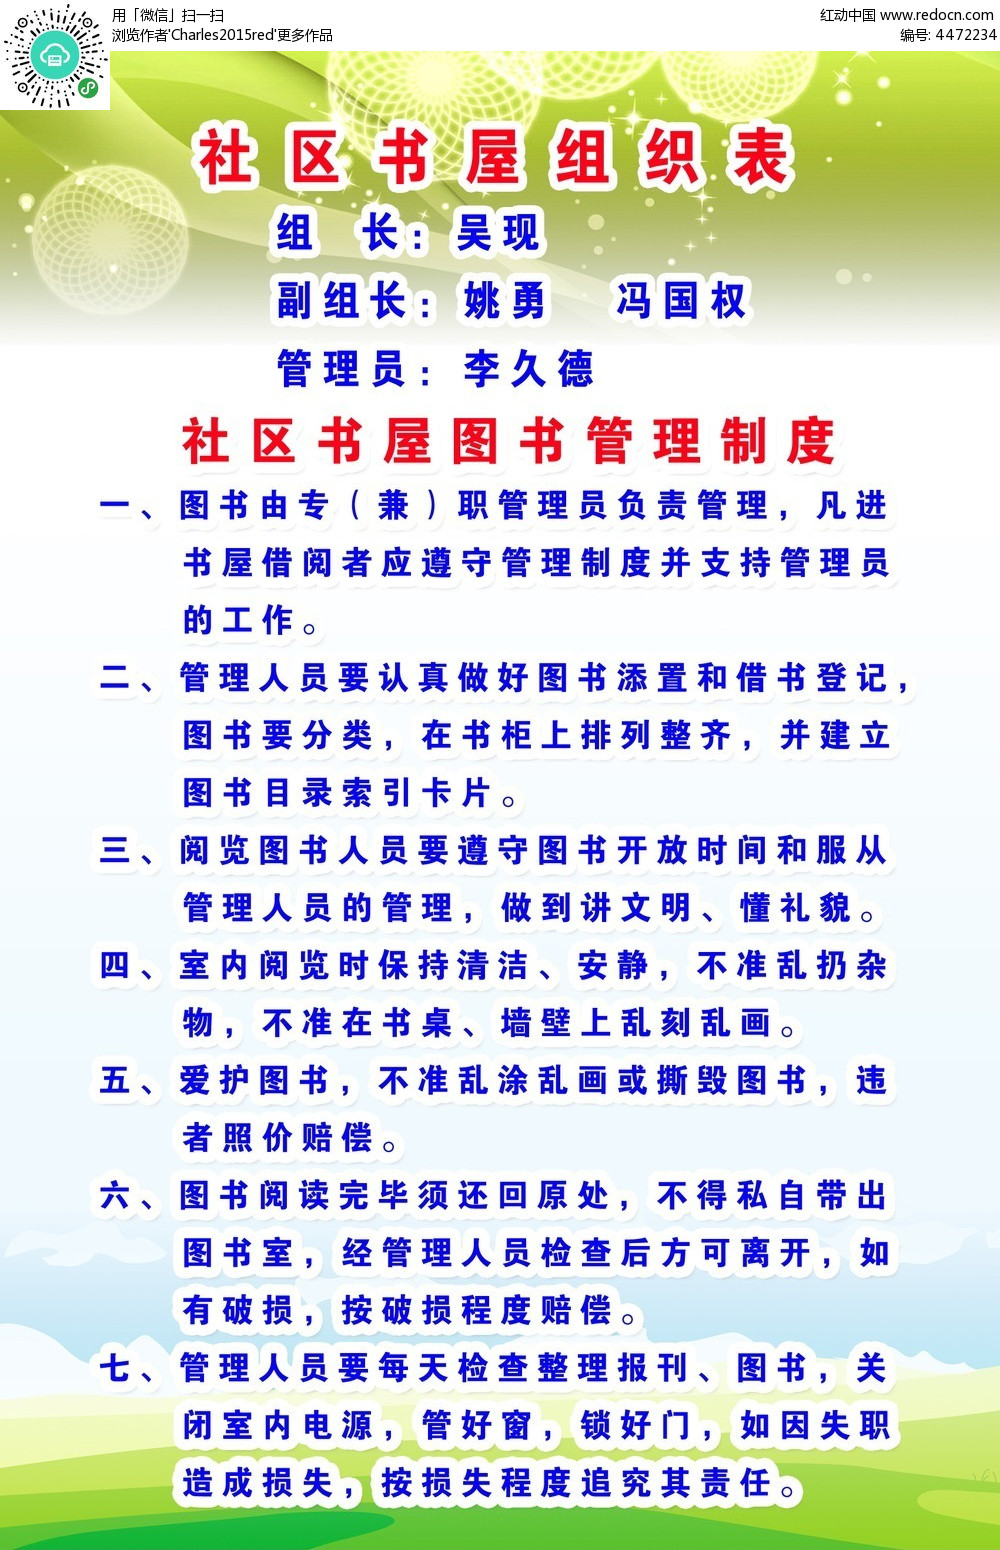 社区书屋组织部和管理制度宣传单